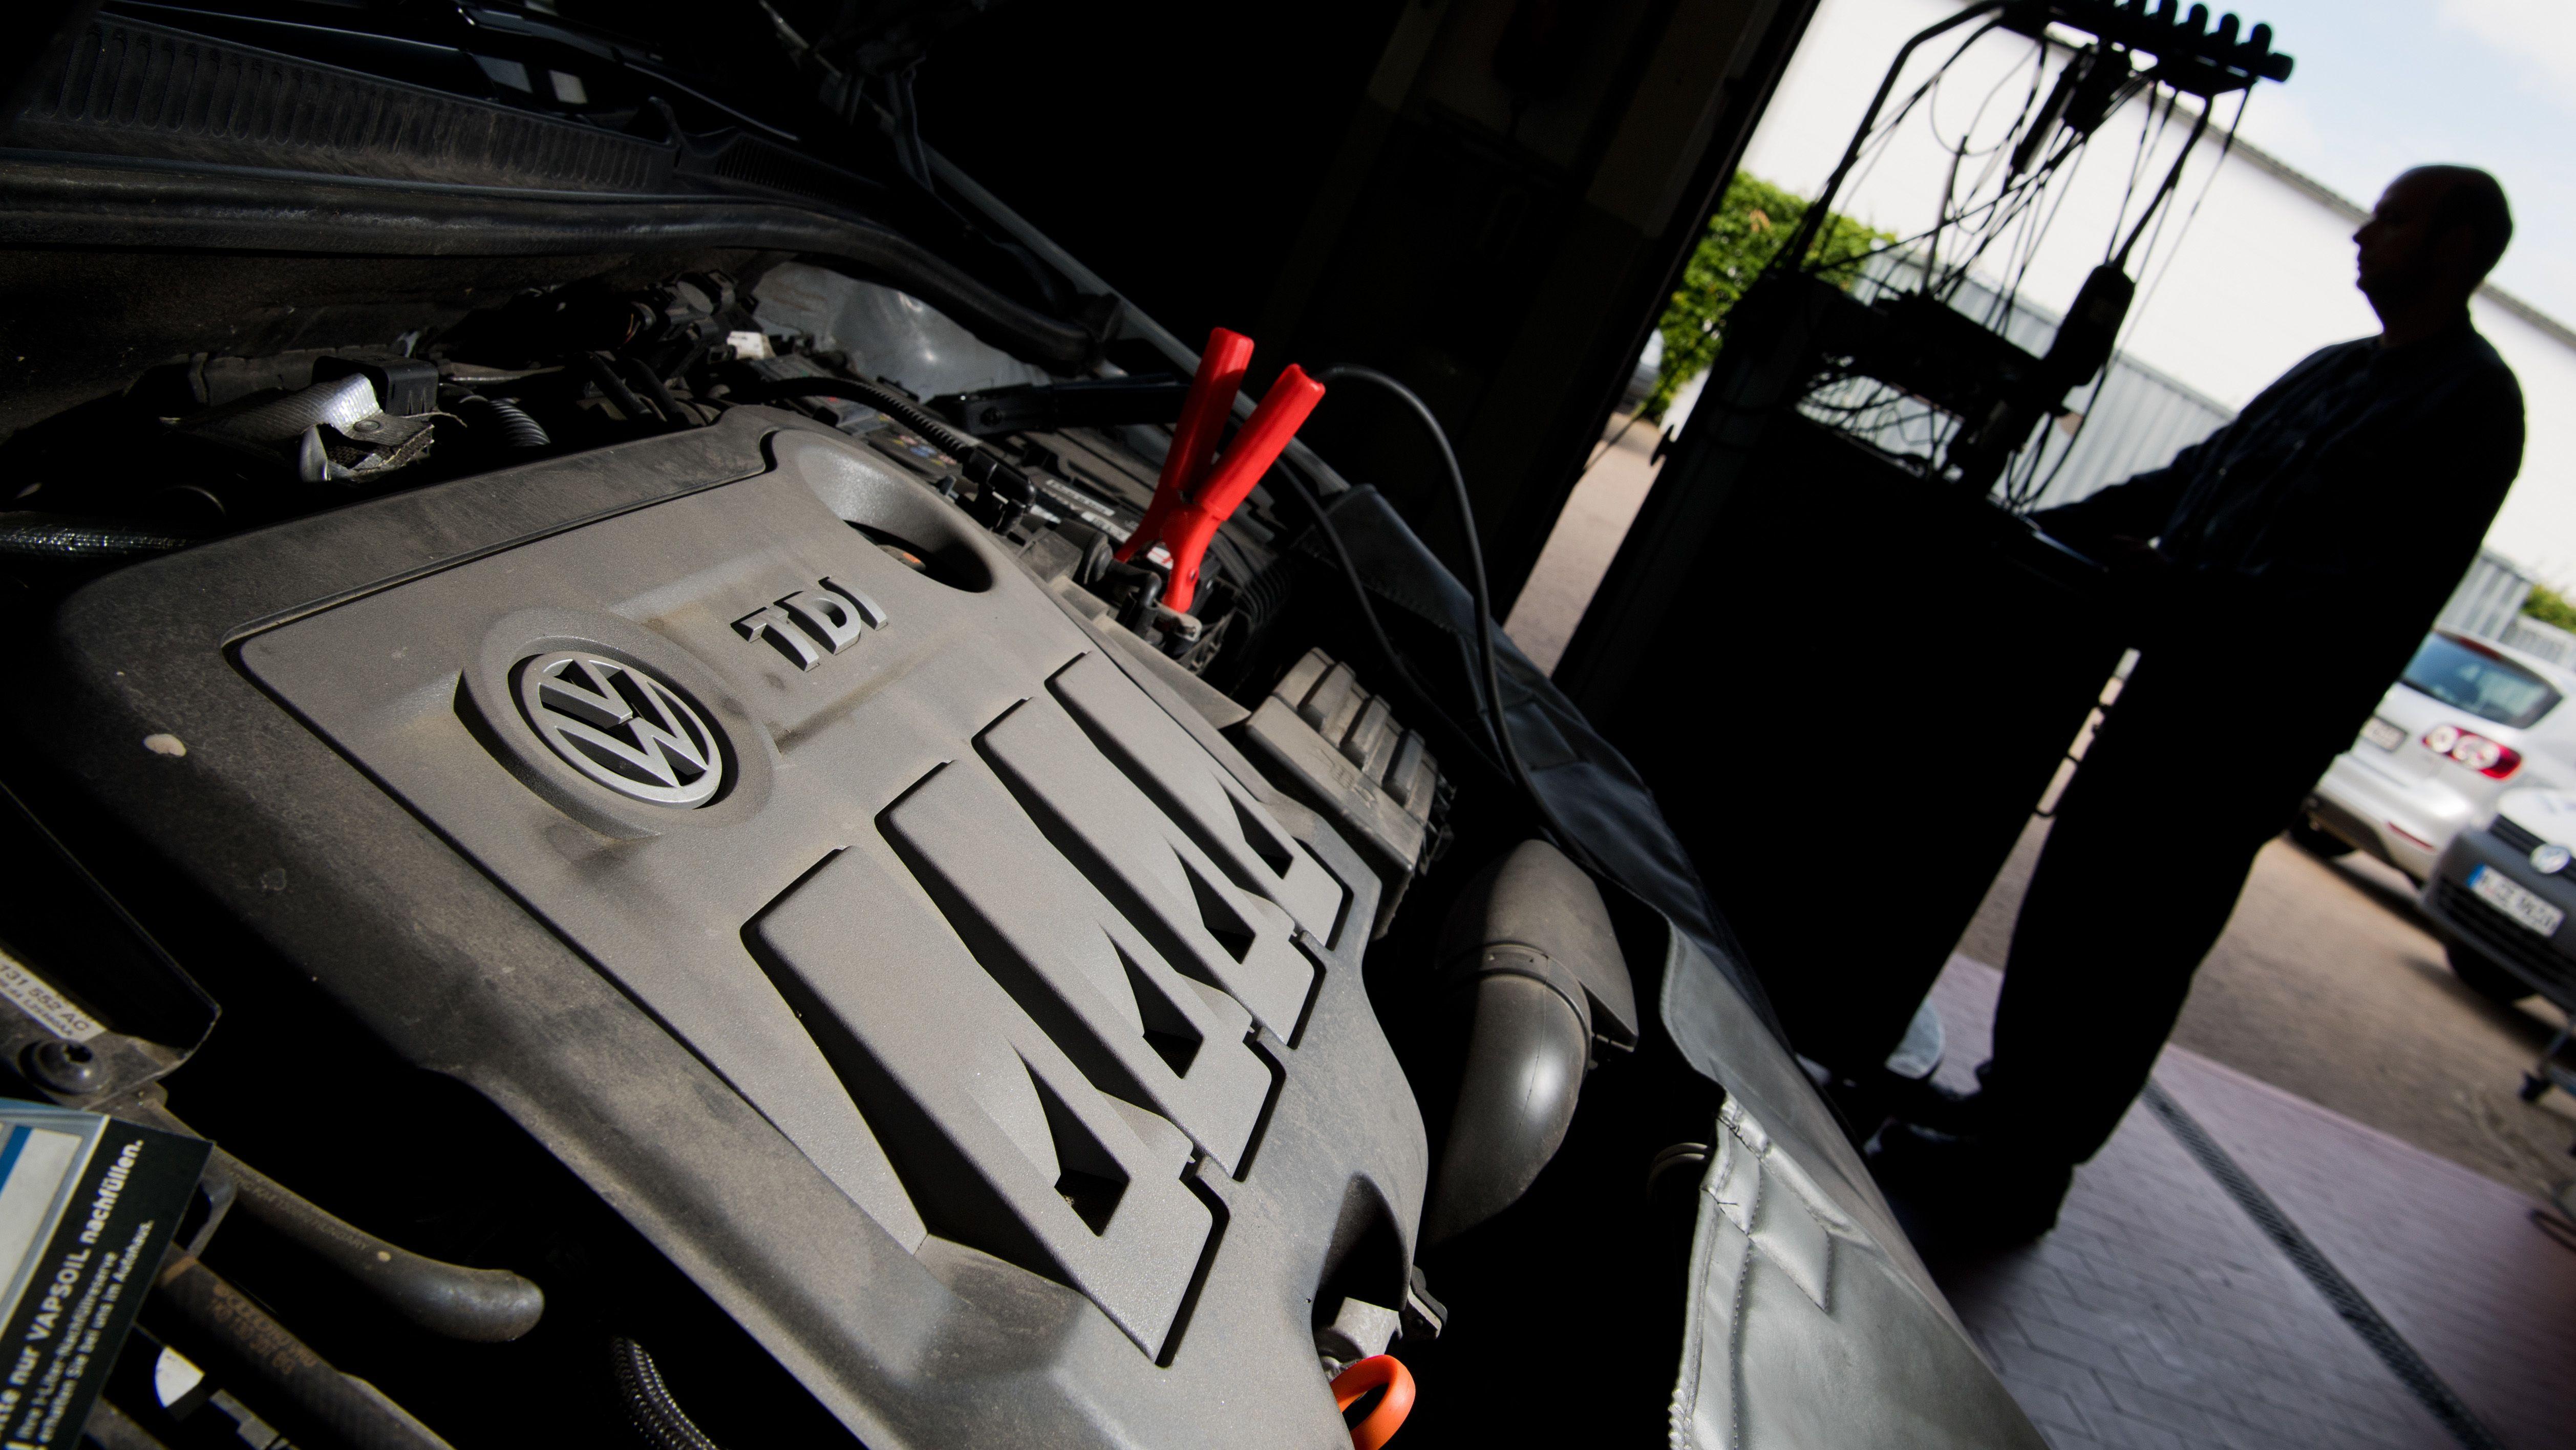 Archiv: KFZ-Meister spielt Software update auf VW-Diesel